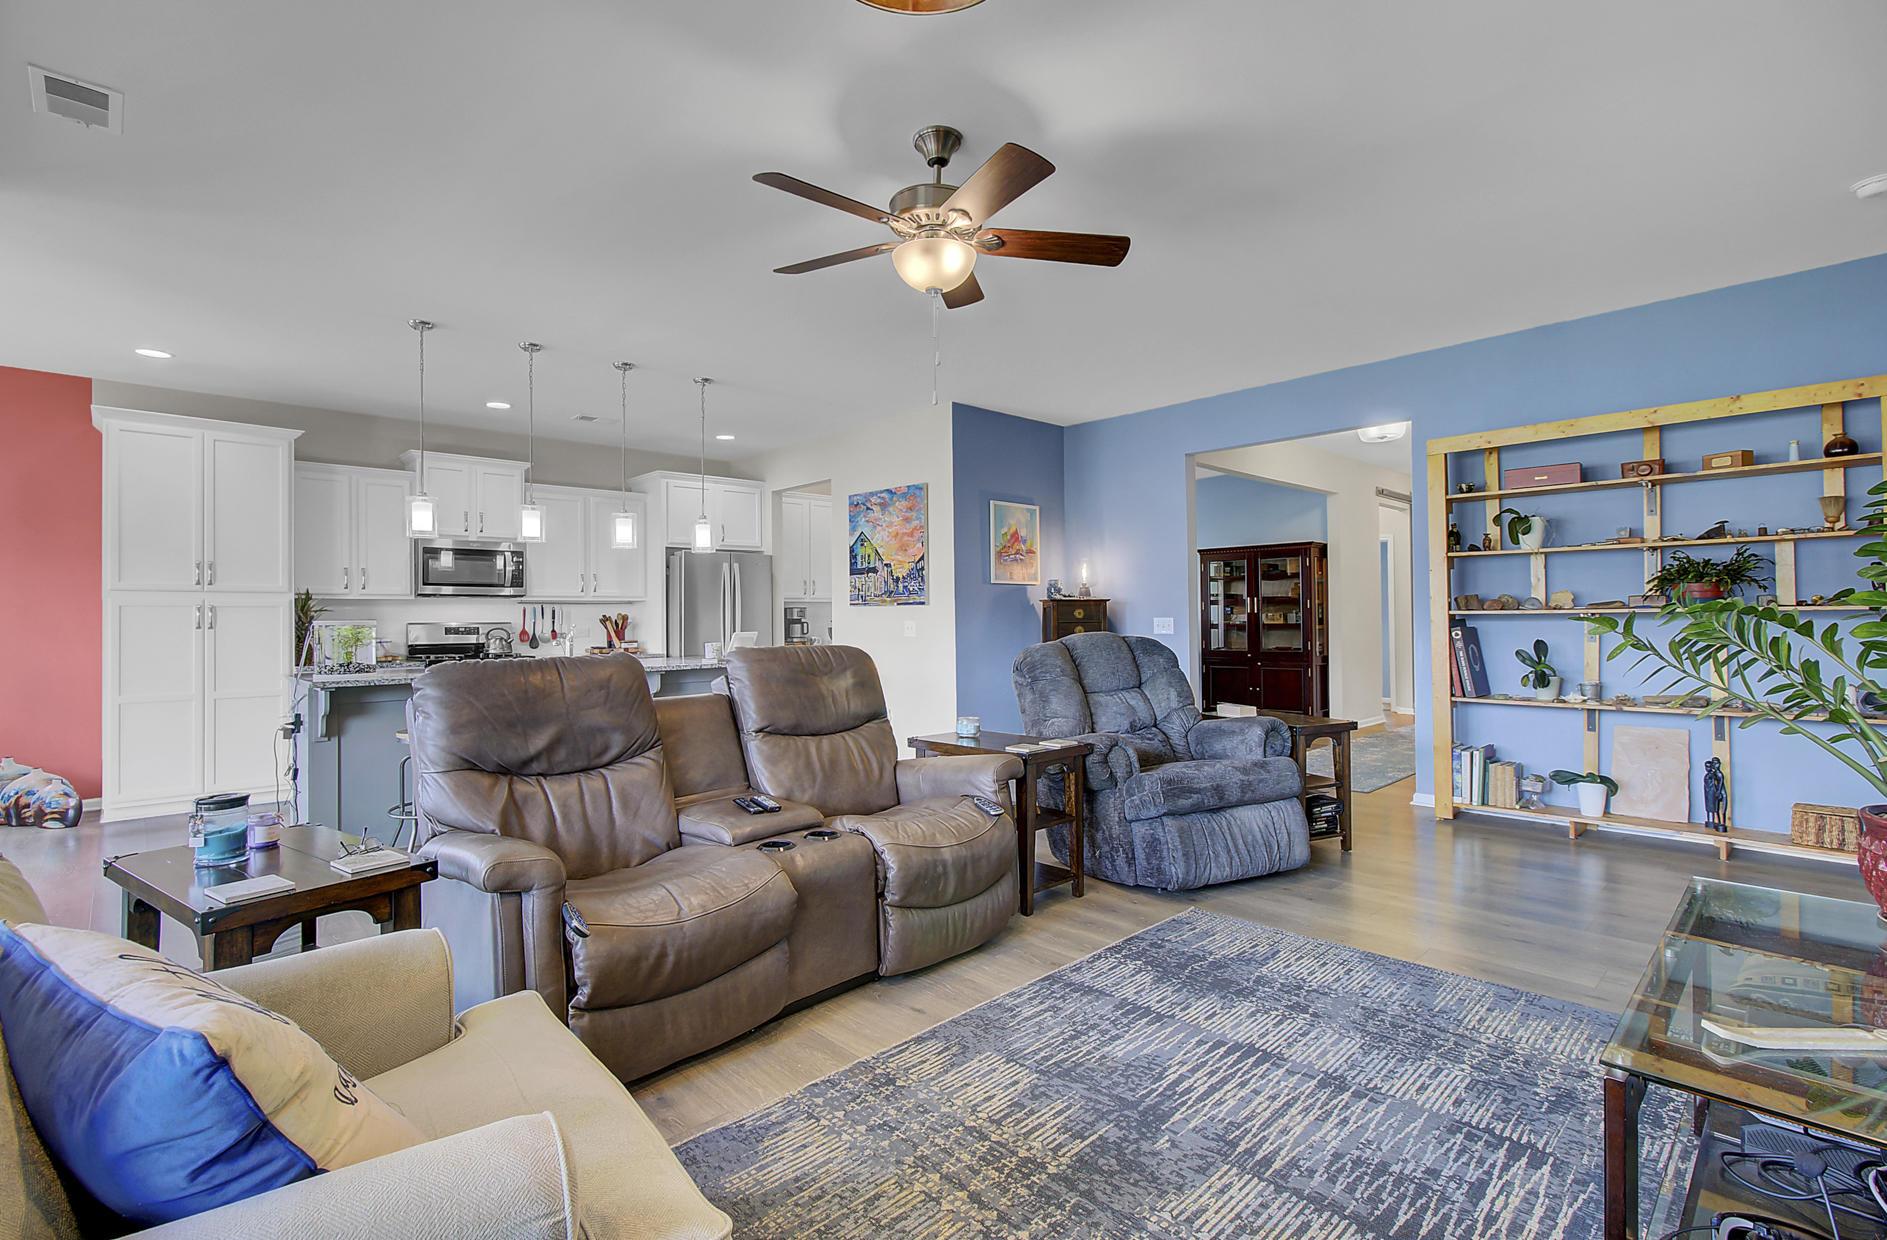 North Creek Village Homes For Sale - 384 Dunlin, Summerville, SC - 49